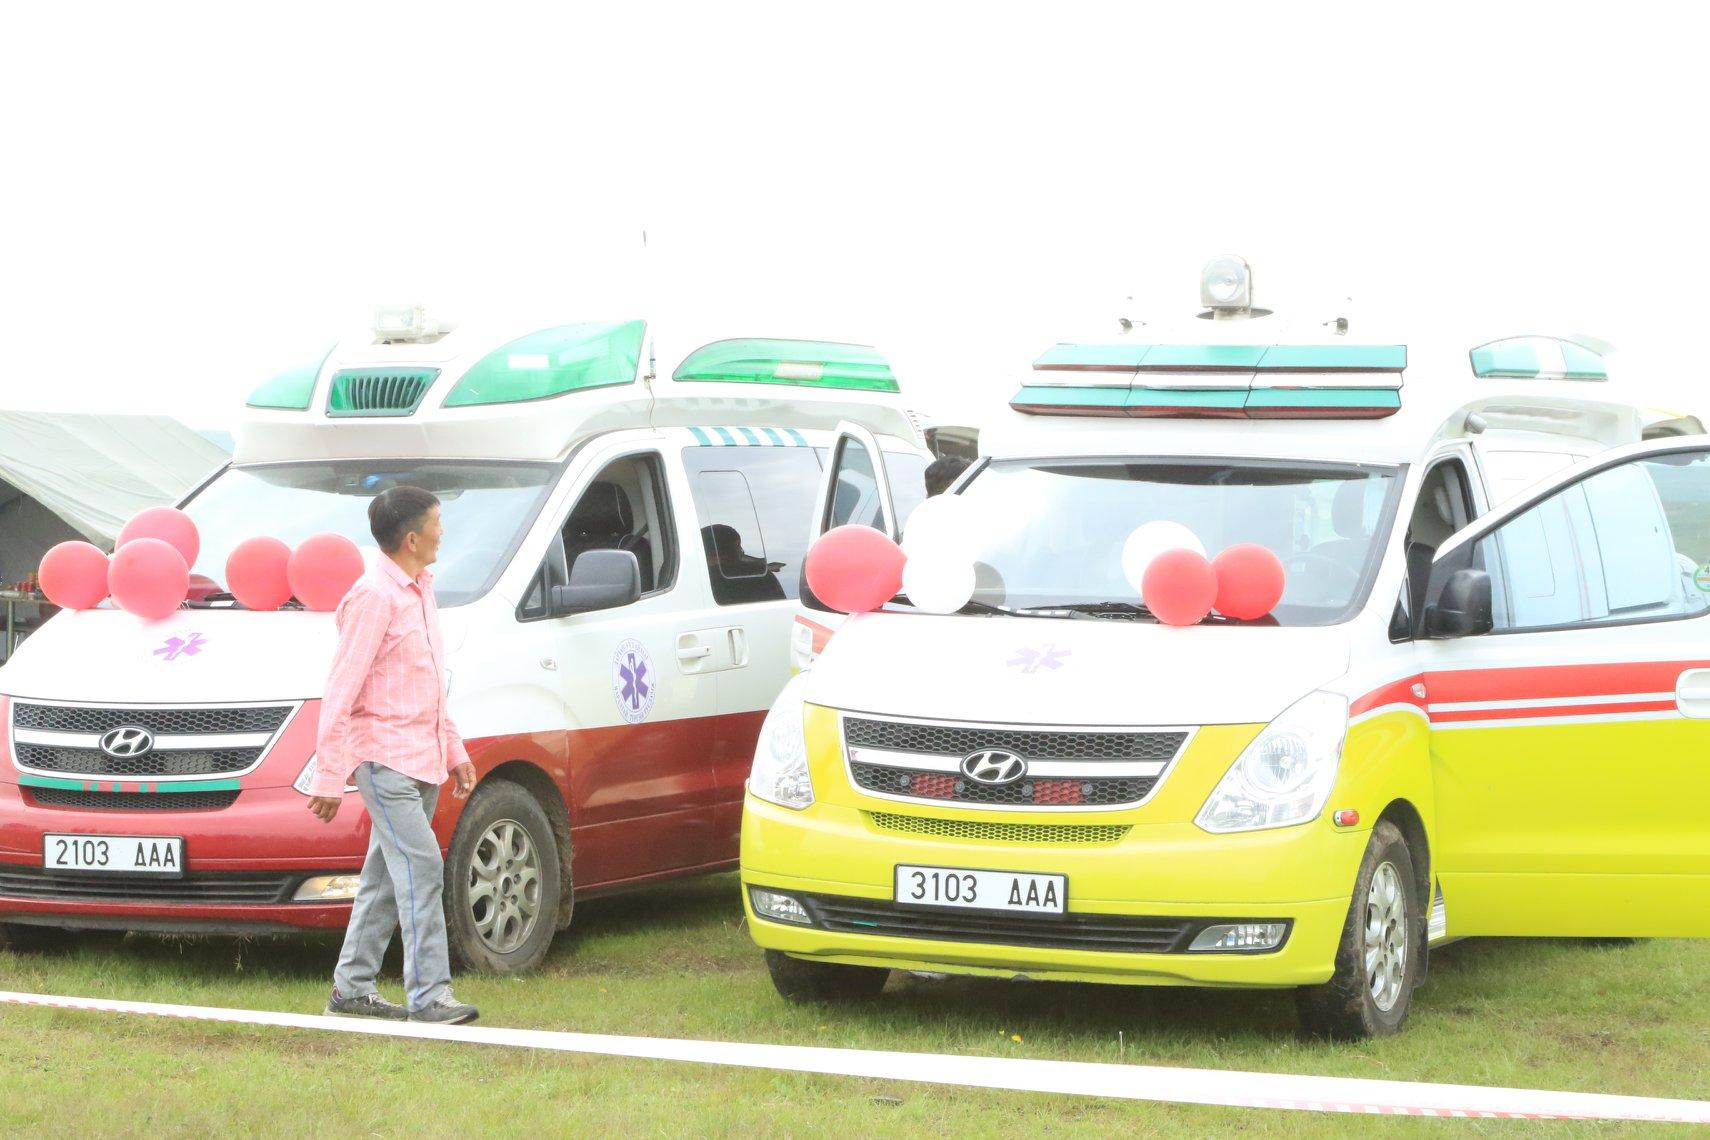 Иж бүрэн тоноглогдсон, түргэн тусламжийн хоёр авто машиныг бэлэглэлээ